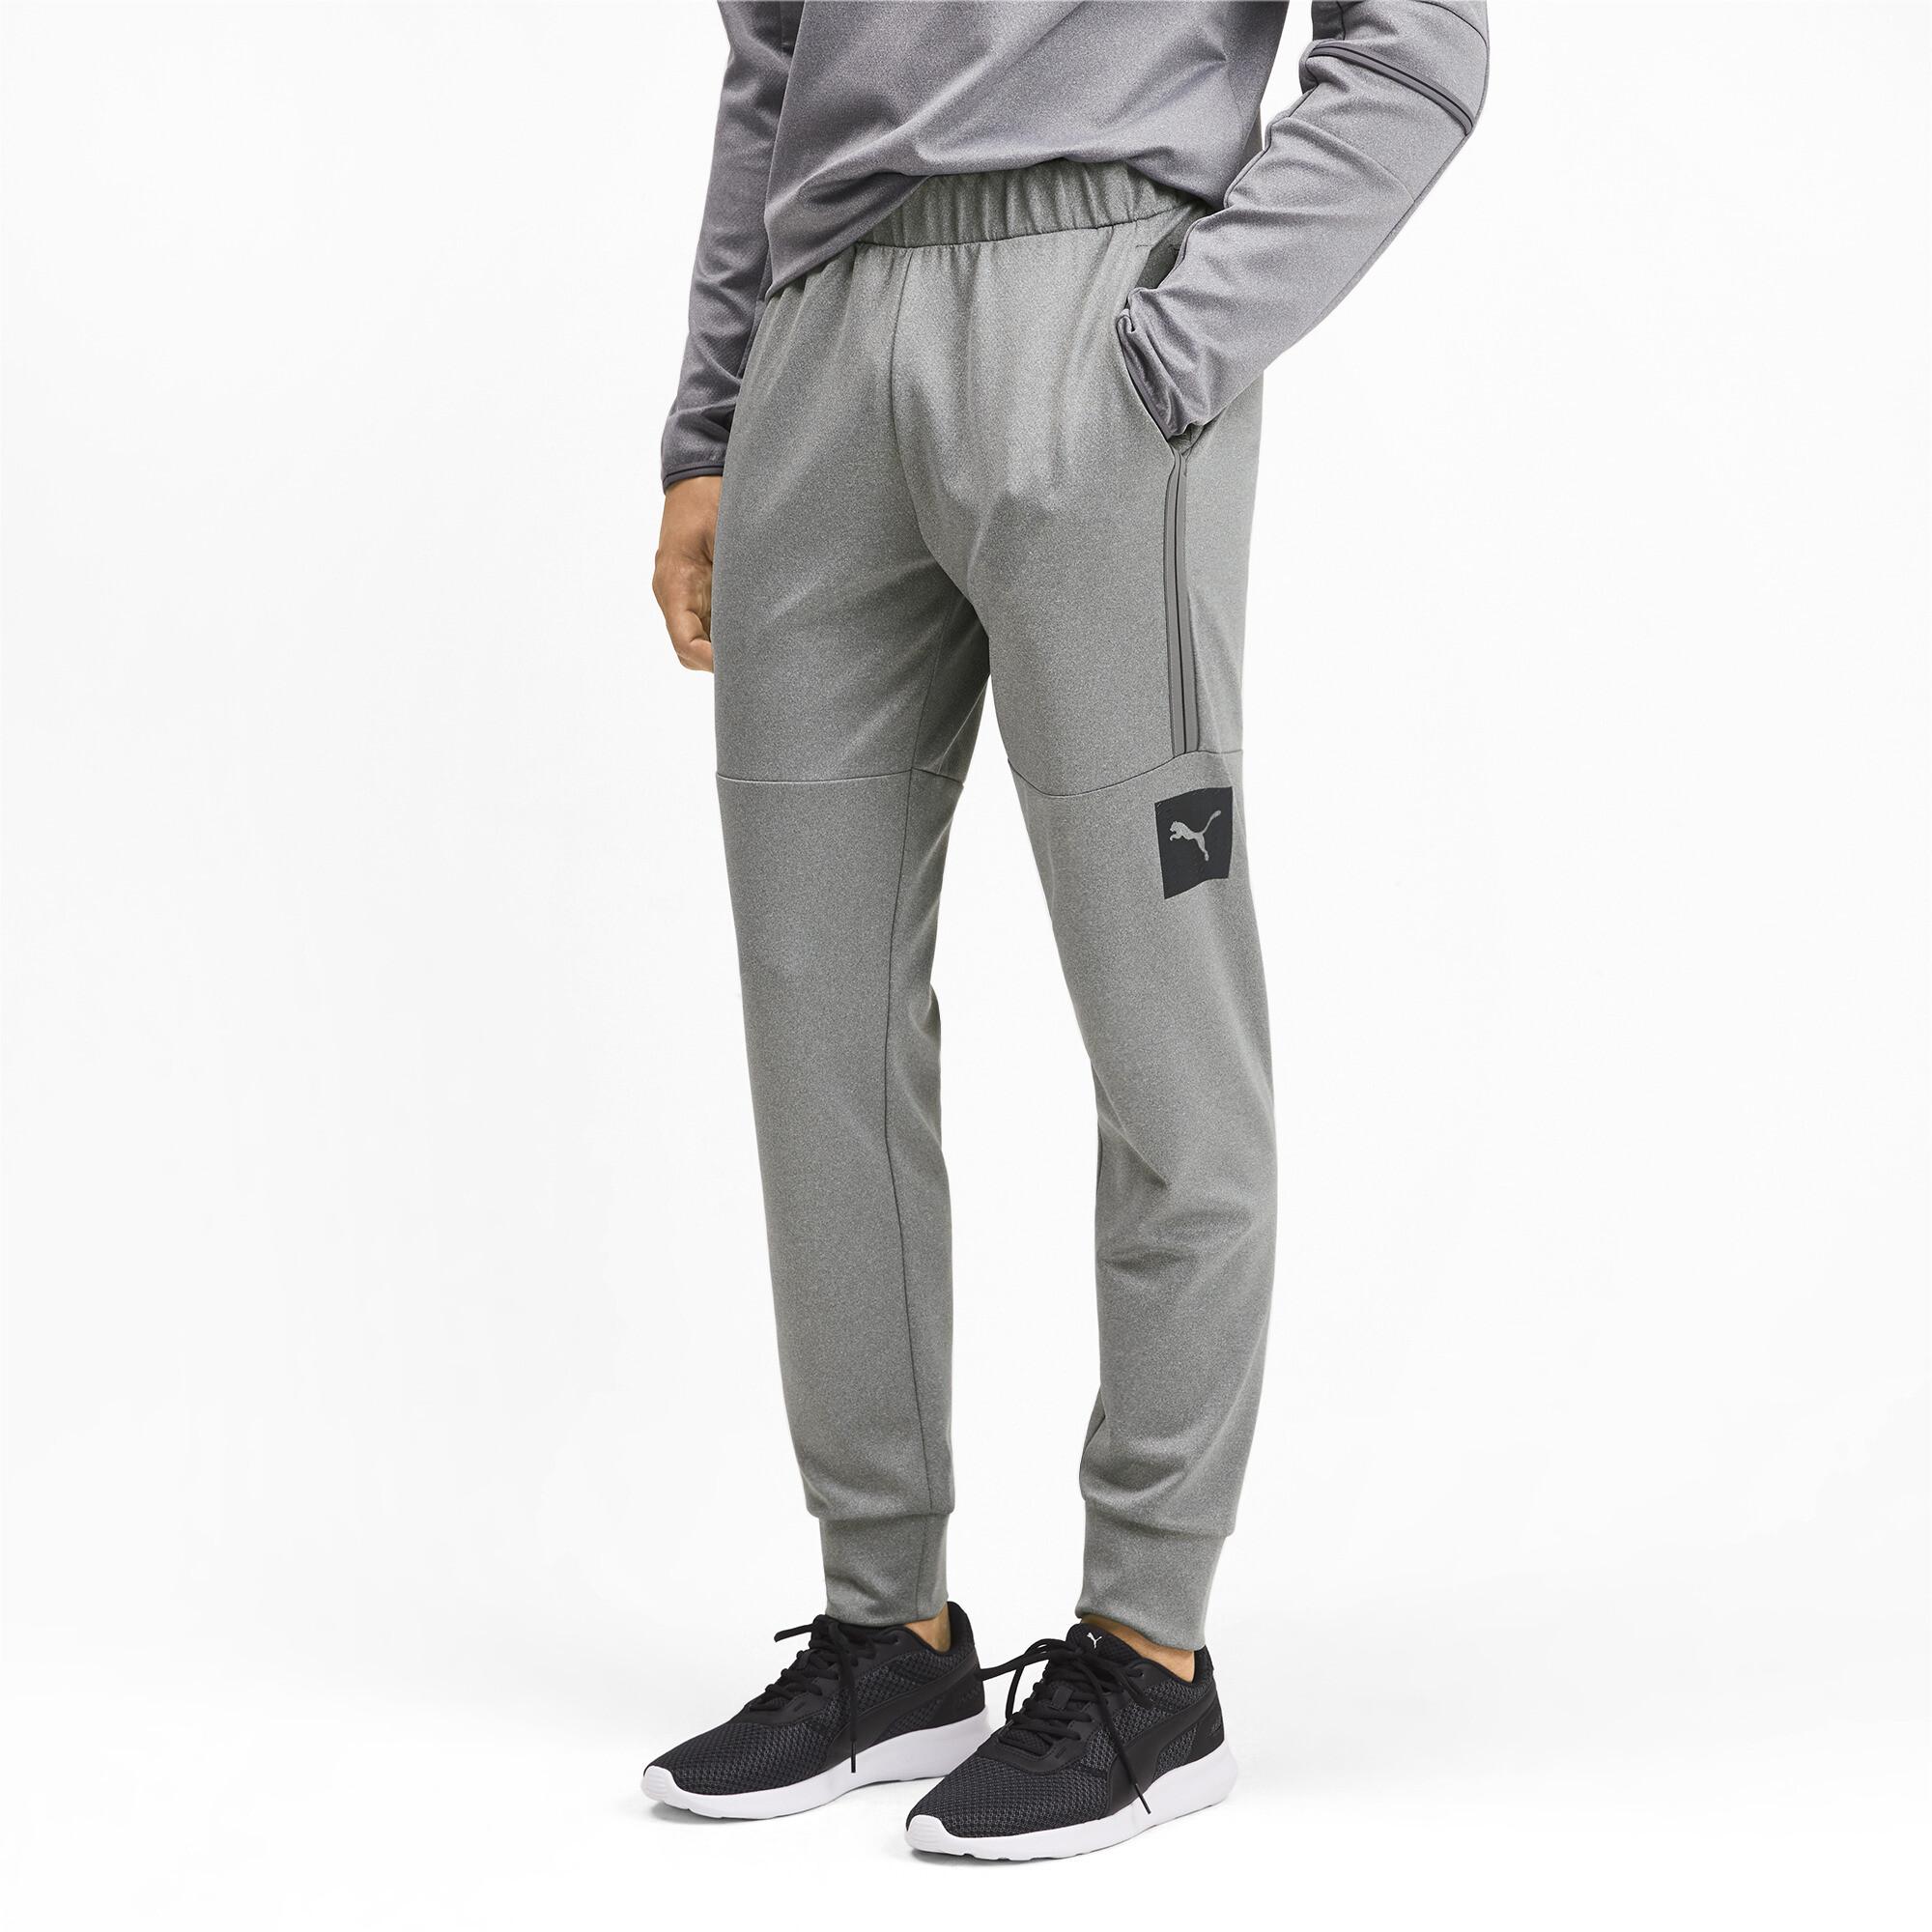 PUMA-Tec-Sports-Men-039-s-Sweatpants-Men-Knitted-Pants-Basics thumbnail 9